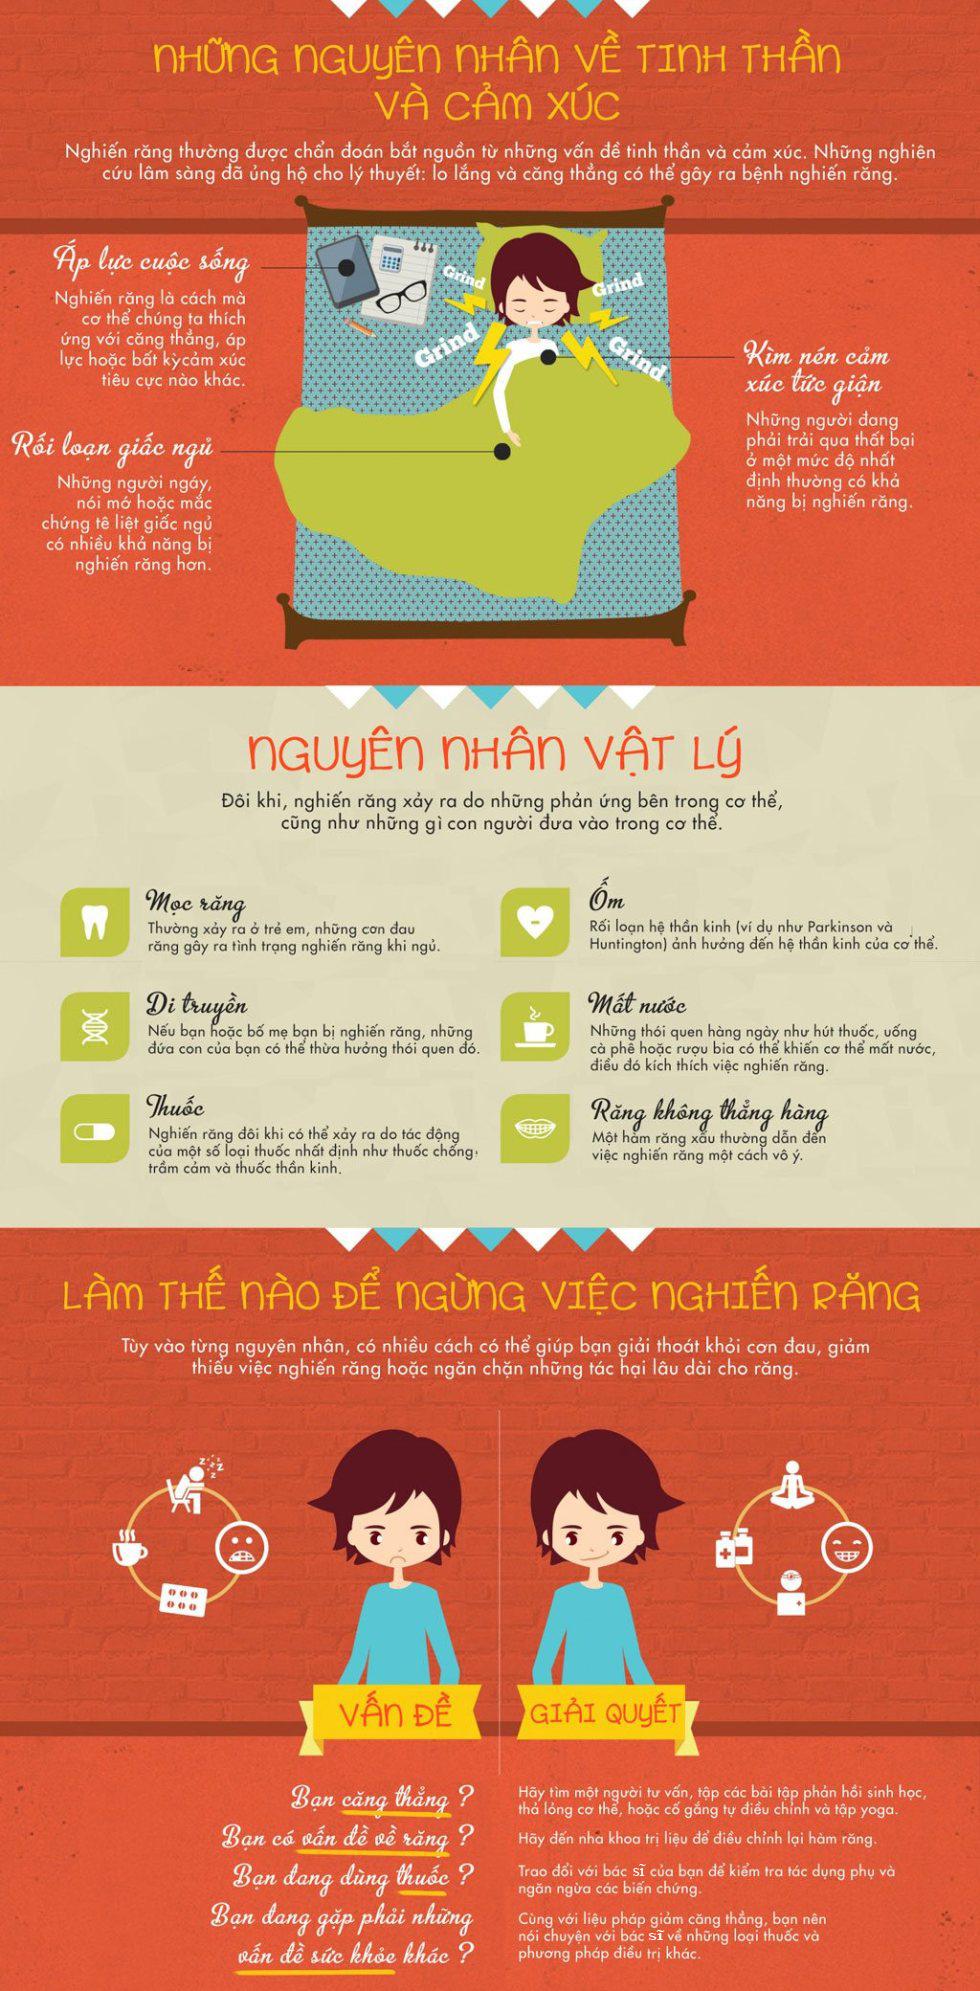 Sự thật về thói quen nghiến răng khi ngủ